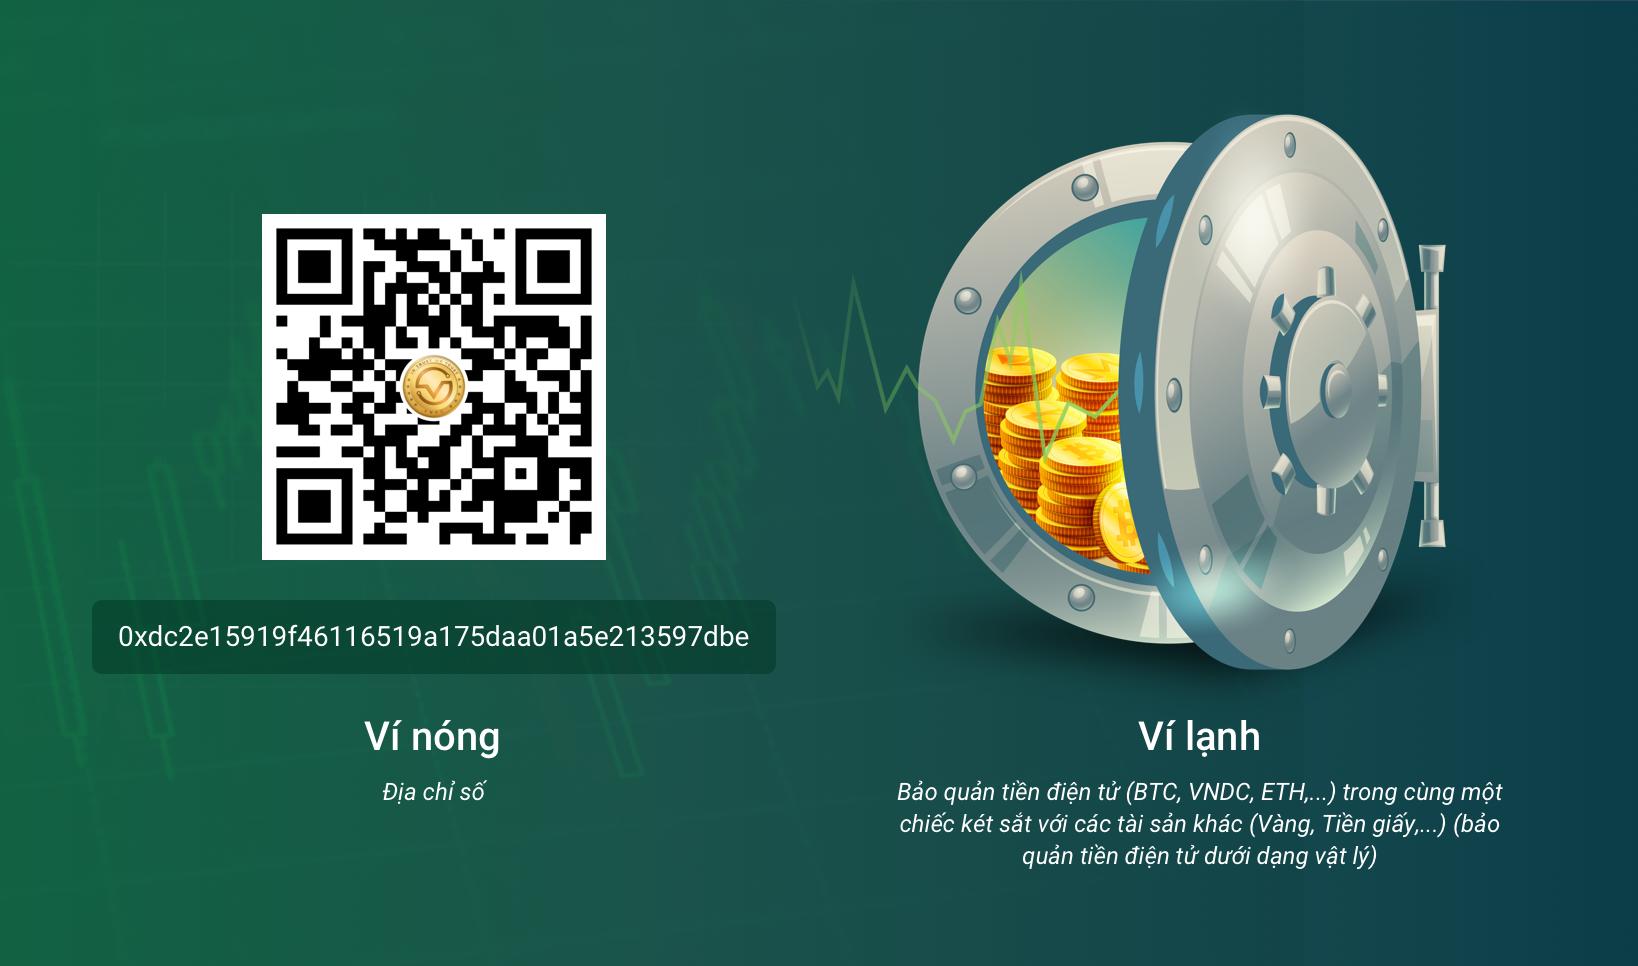 2 cách lưu trữ tiền điện tử